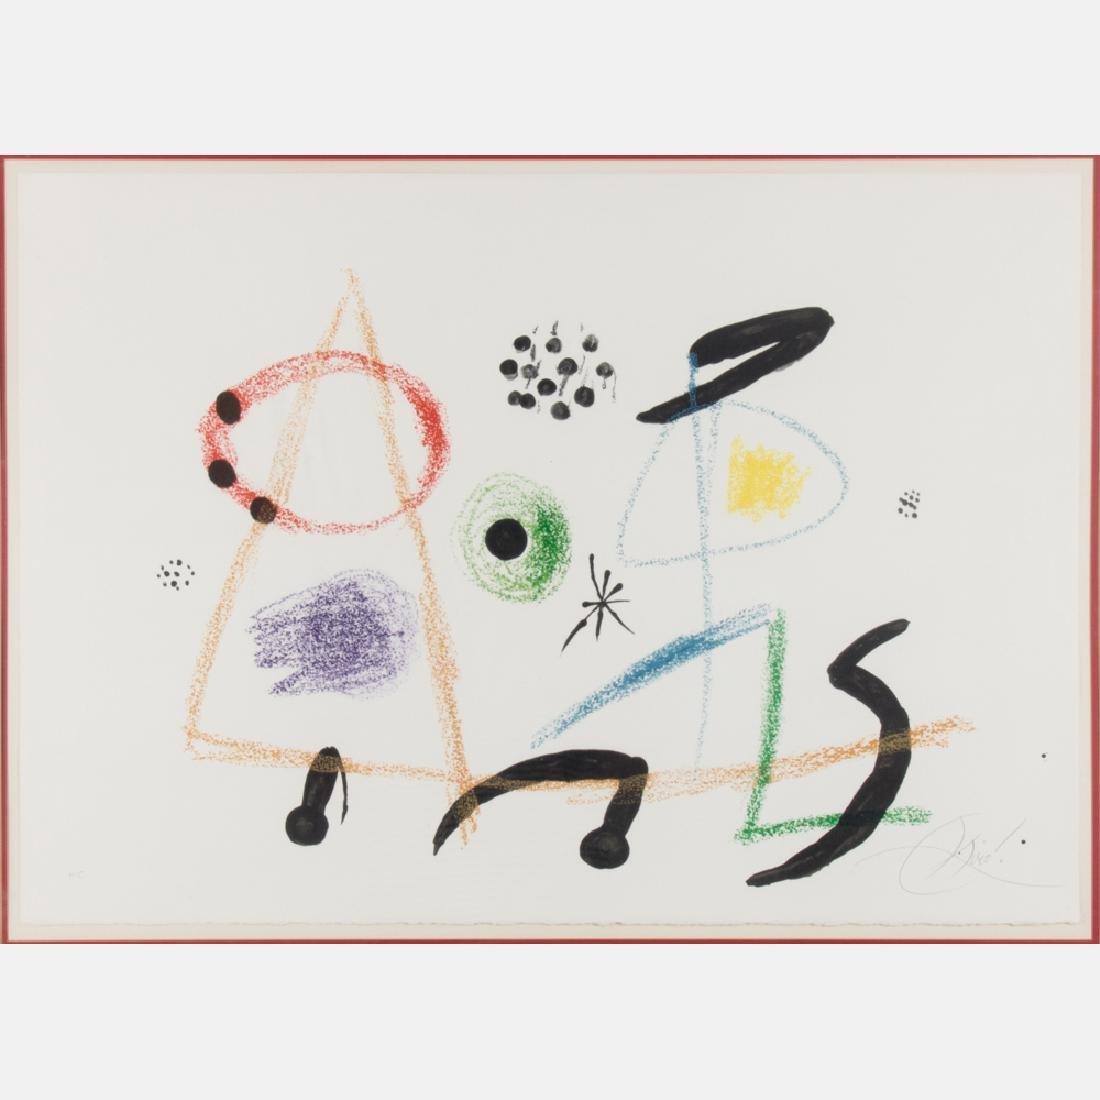 Joan Miro (1893-1983) Maravillas con Variaciones